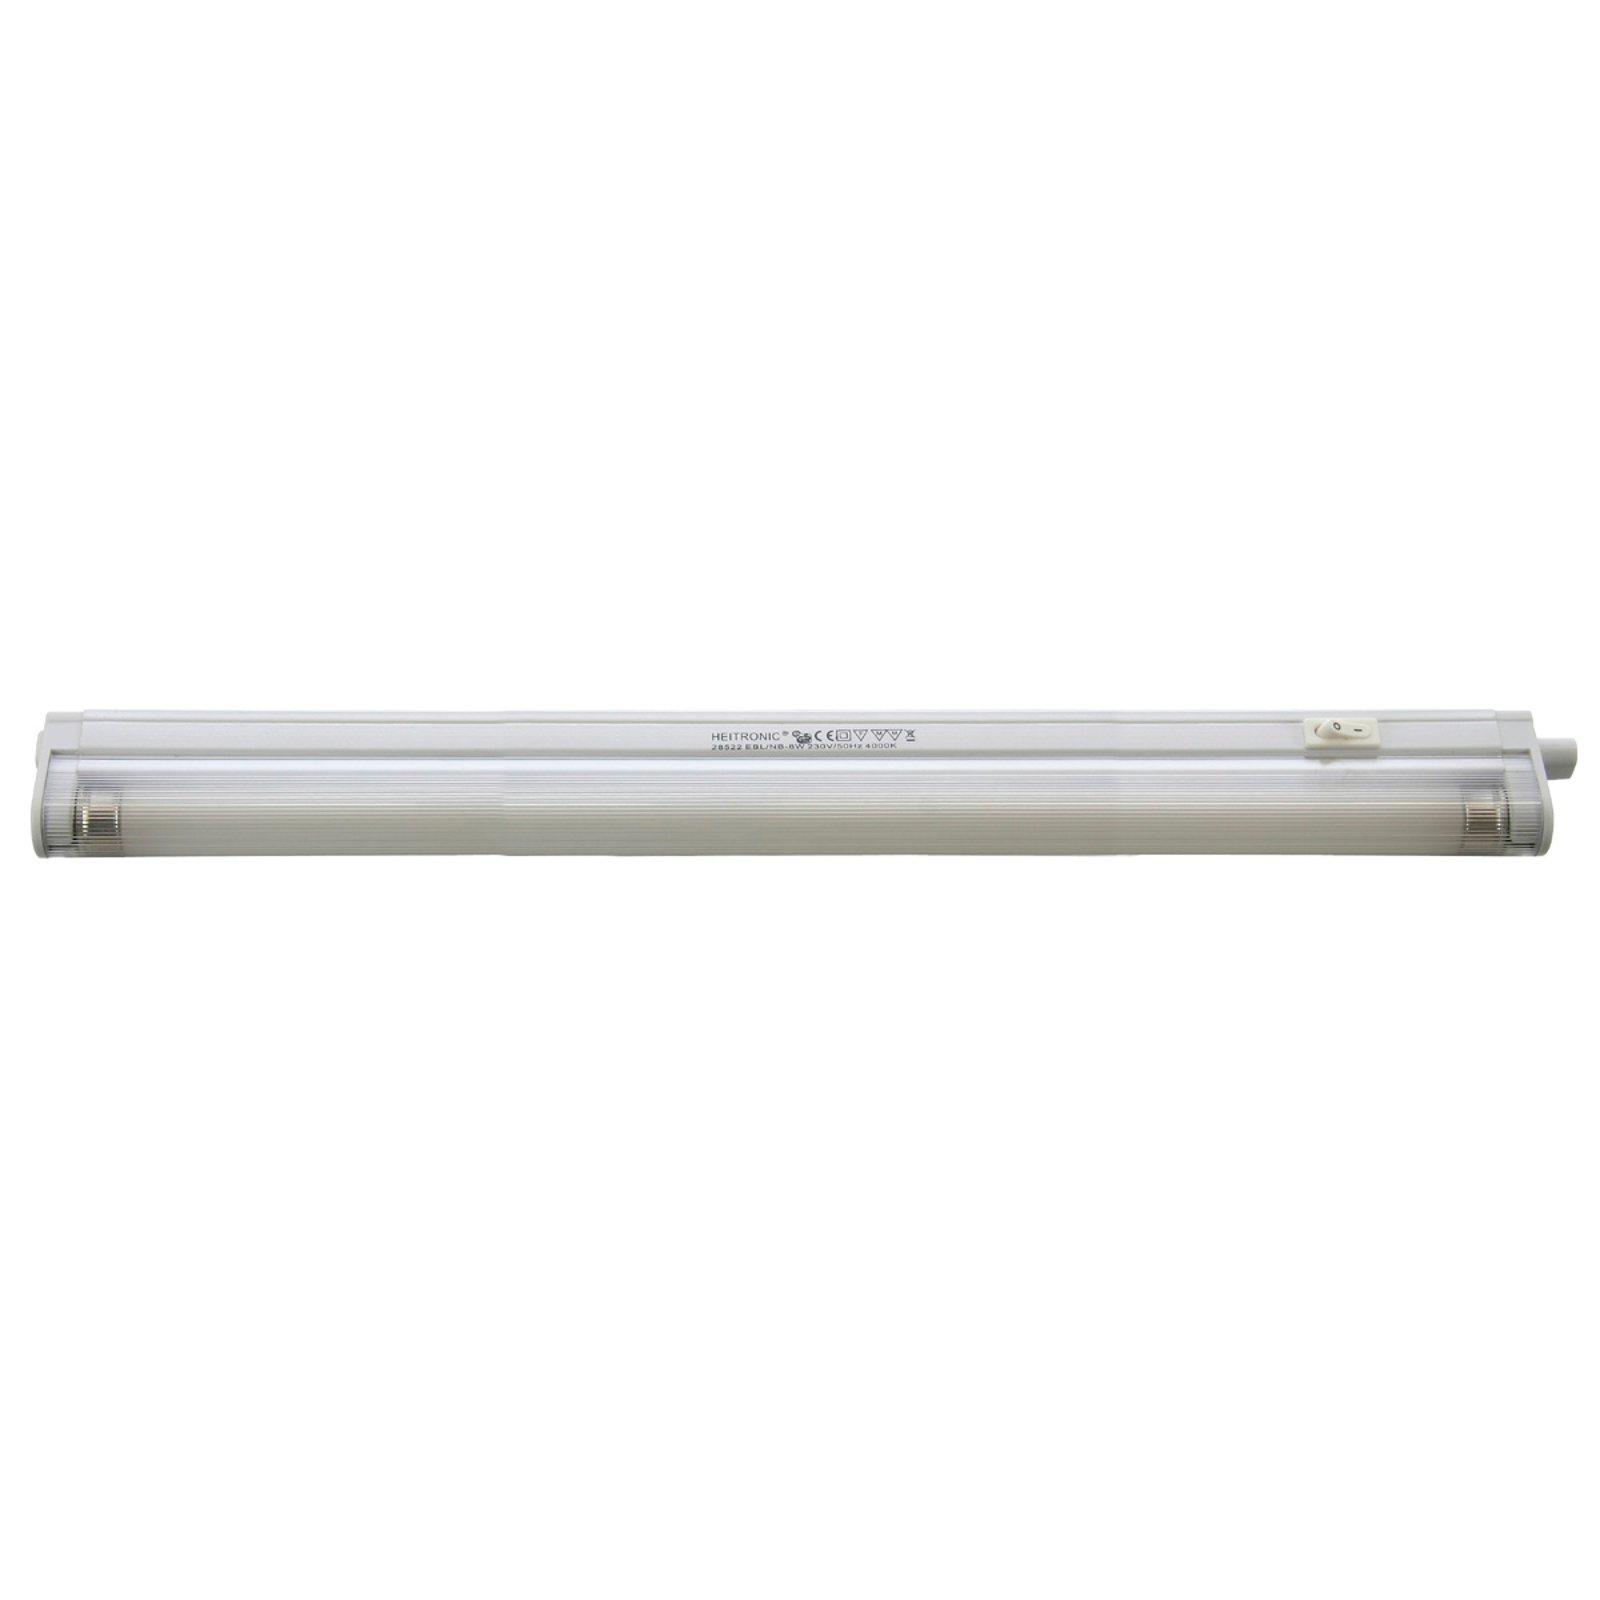 Innbyggingslampe med ECG 8 W universalhvit